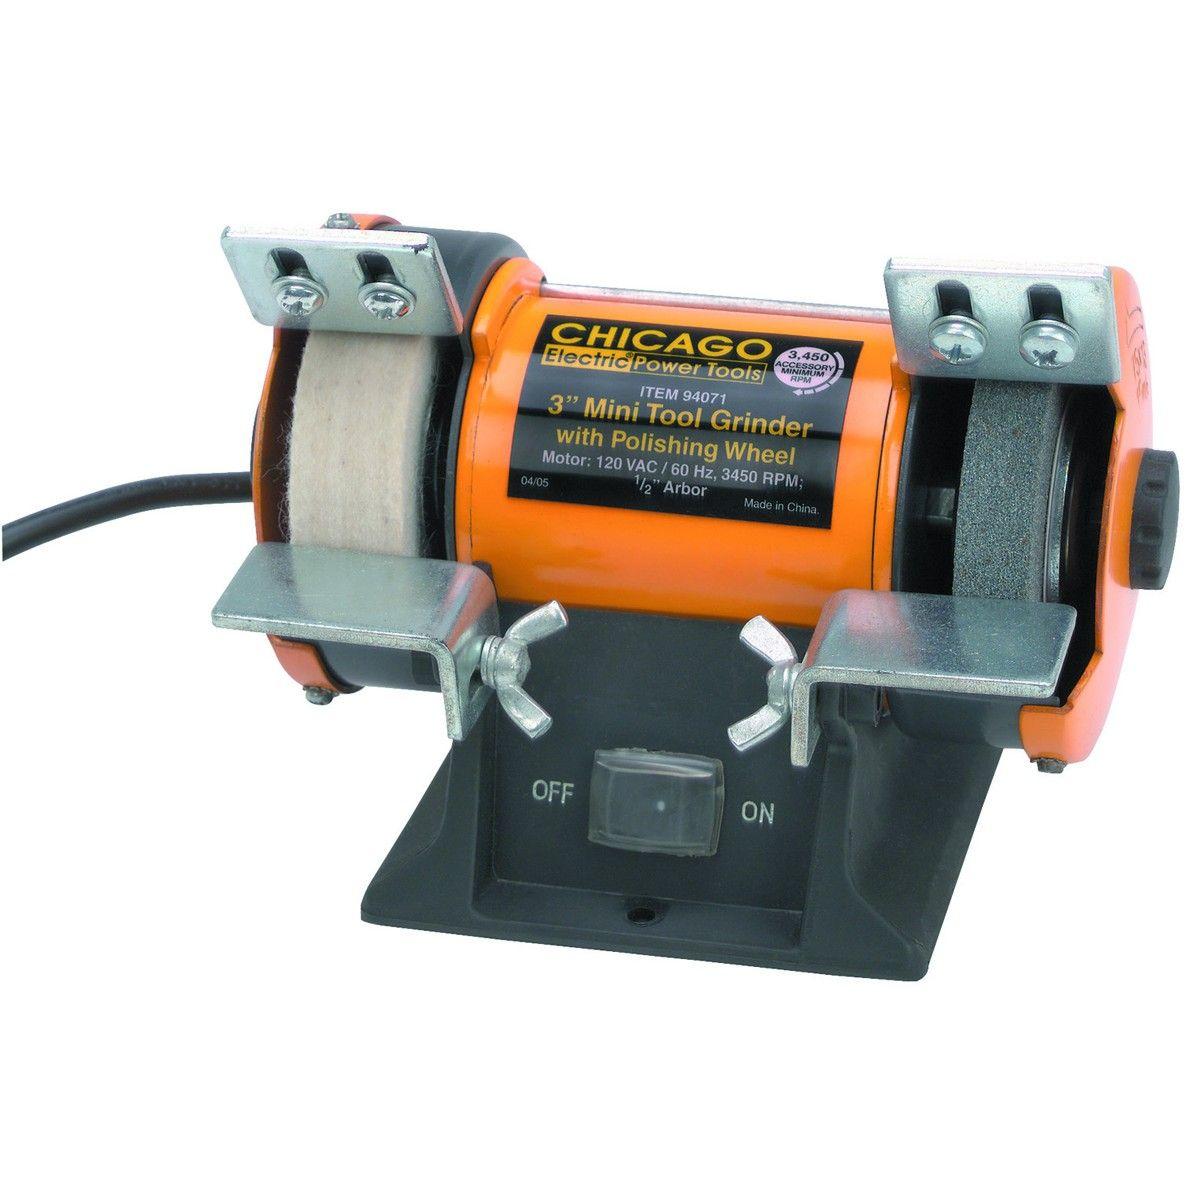 3 Mini Tool Grinder Polisher In 2020 Garage Workshop Organization Garage Workshop Bench Grinder